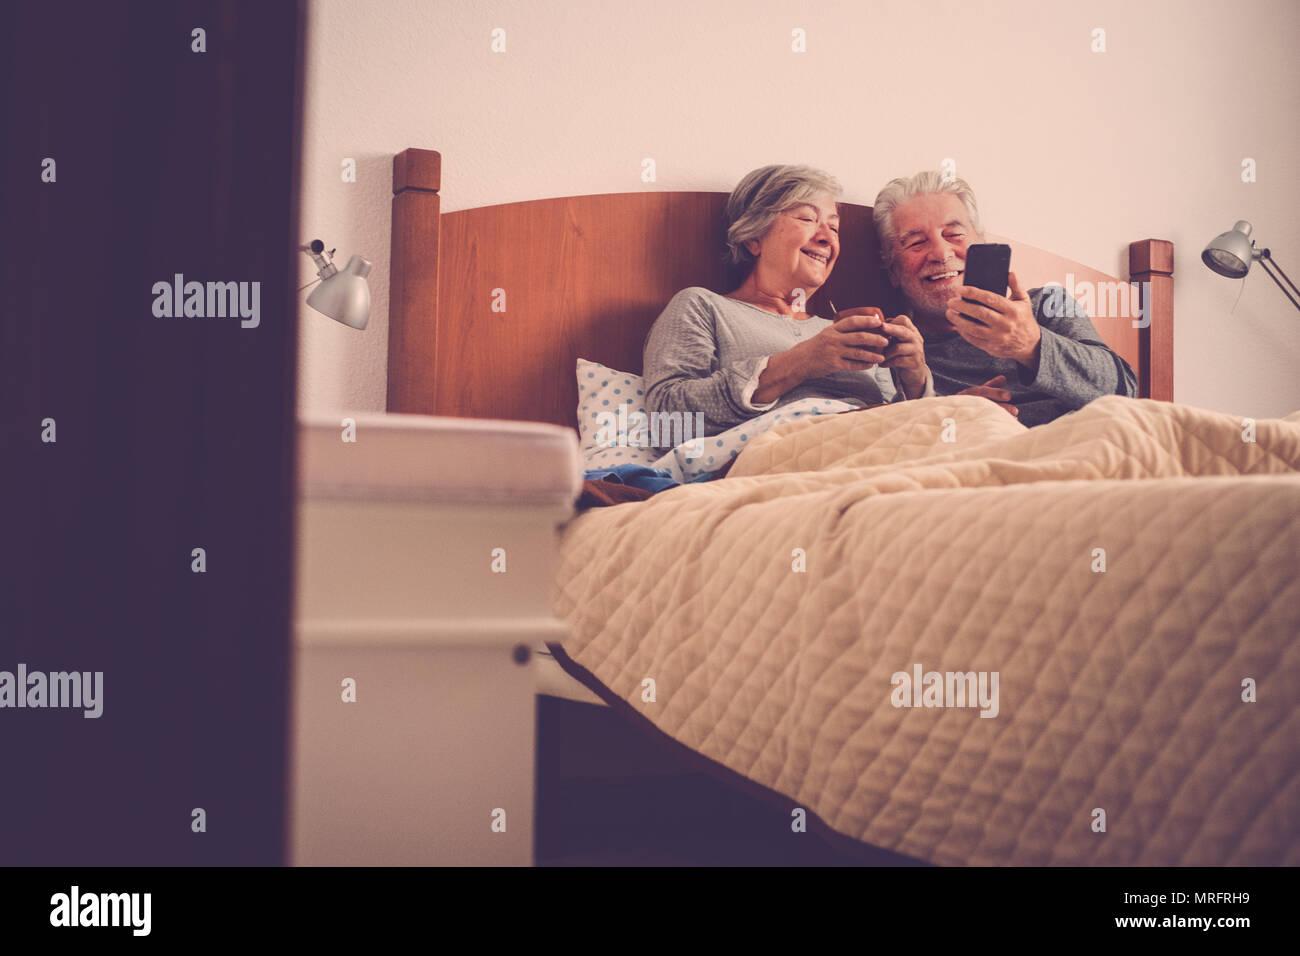 Schöne schöne Modelle Paar erwachsener Senior 70 Jahre alt Spaß und im Bett zu Hause im Schlafzimmer genießen. Morgens entspannt aufwachen mit No Rush e Stockbild